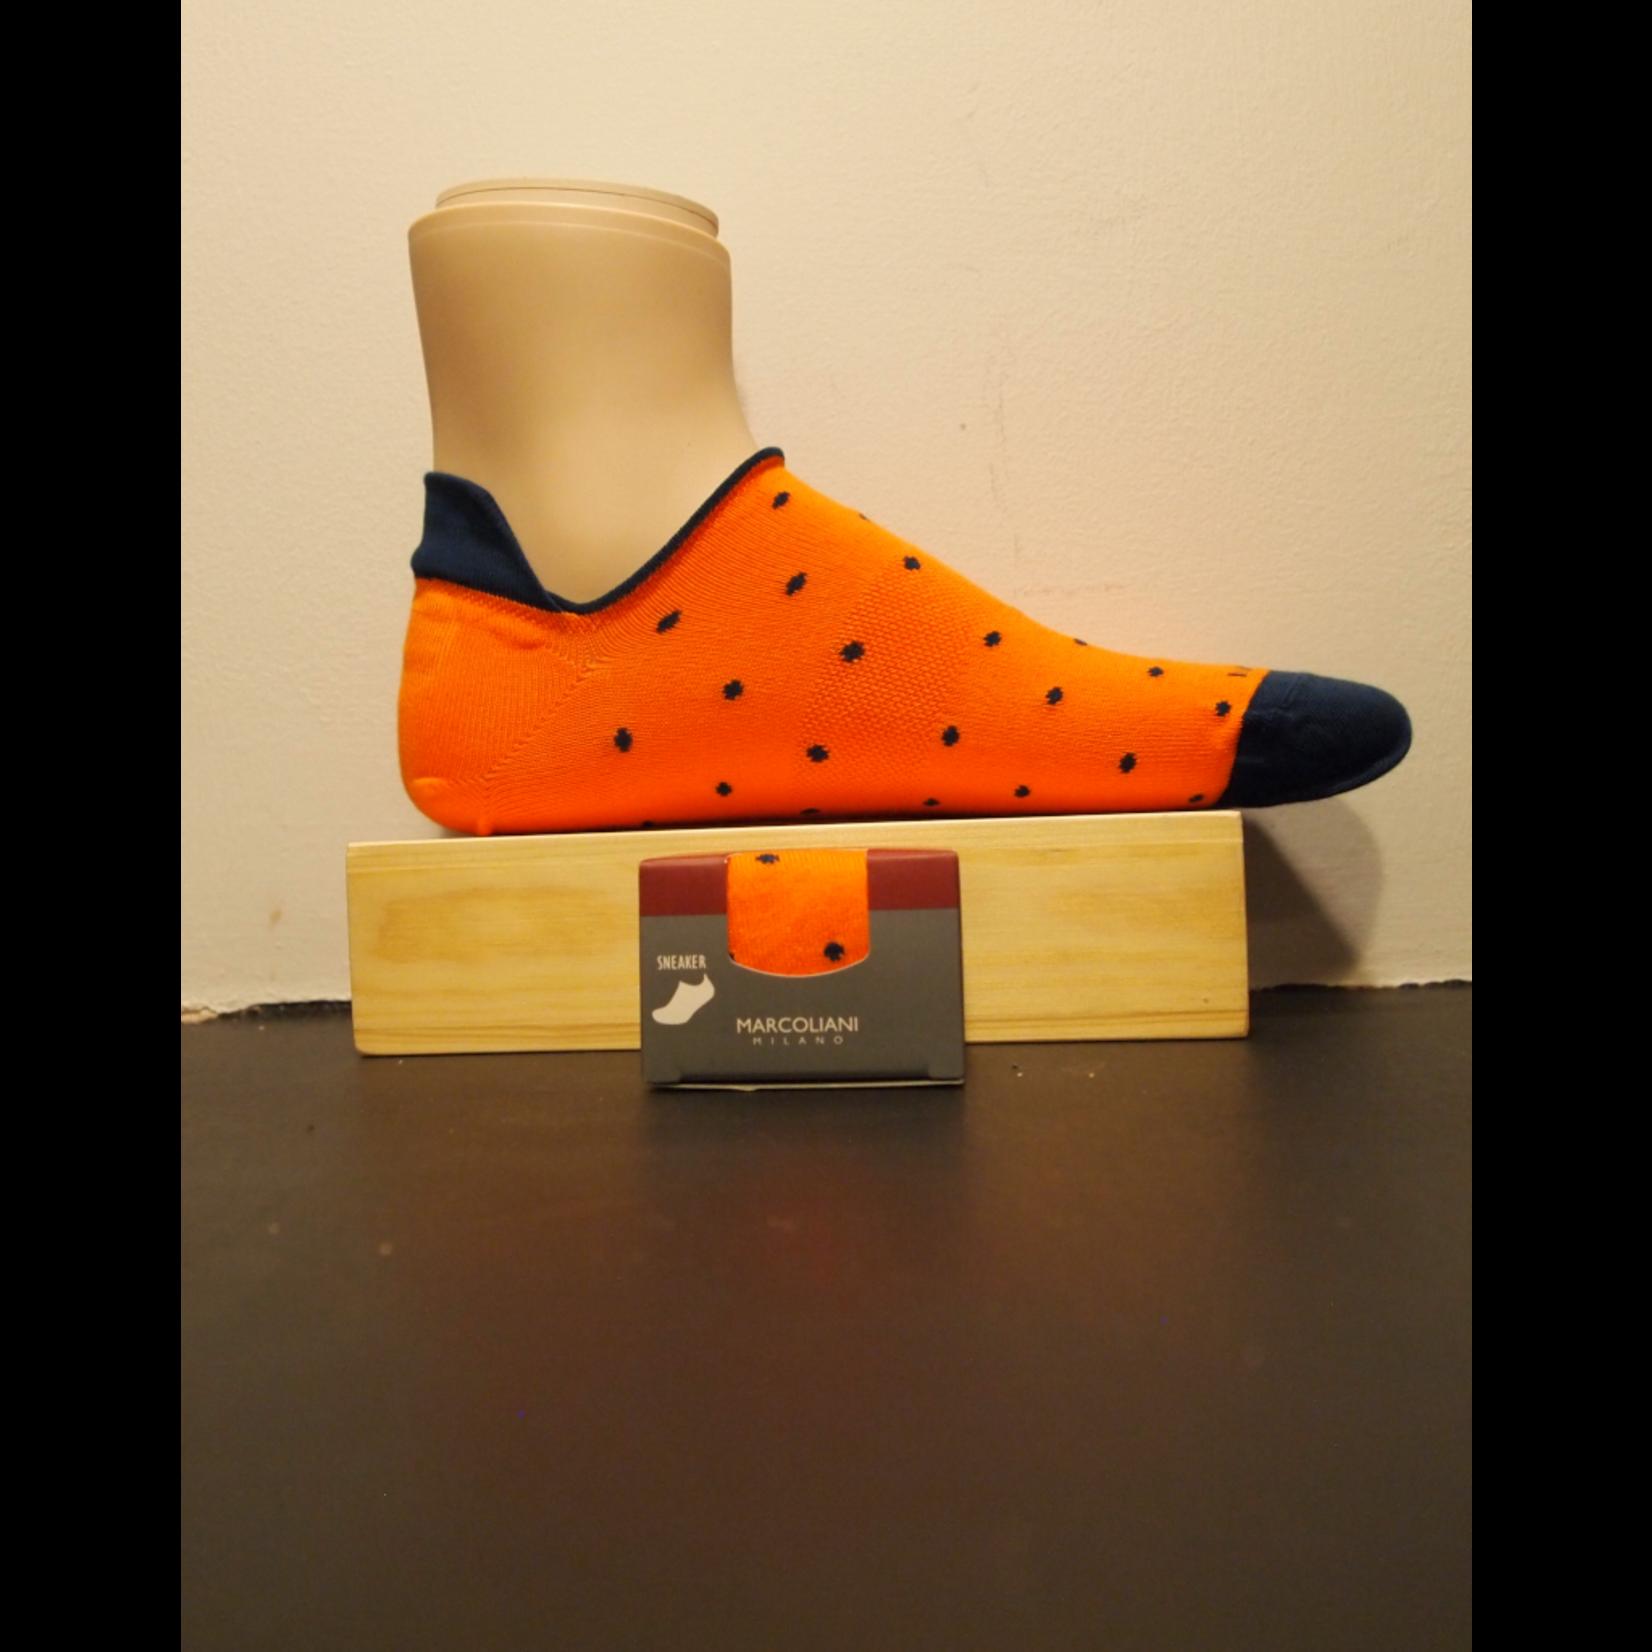 Marcoliani Marcoliani MAR3312K Invisible Touch Sneaker Socks